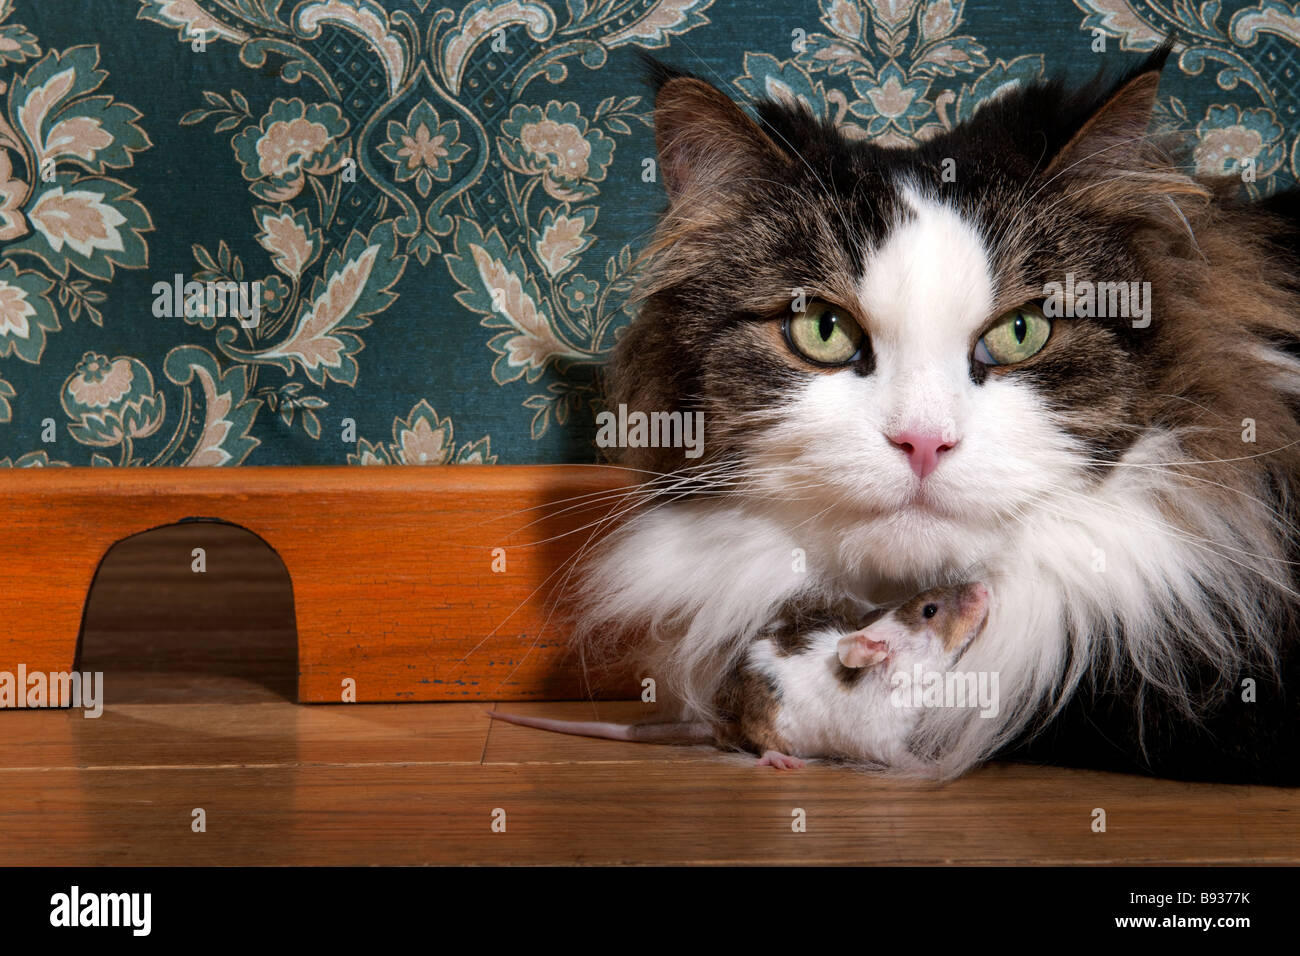 Katze und Maus in einem luxuriösen alte altmodische Zimmer Stockbild